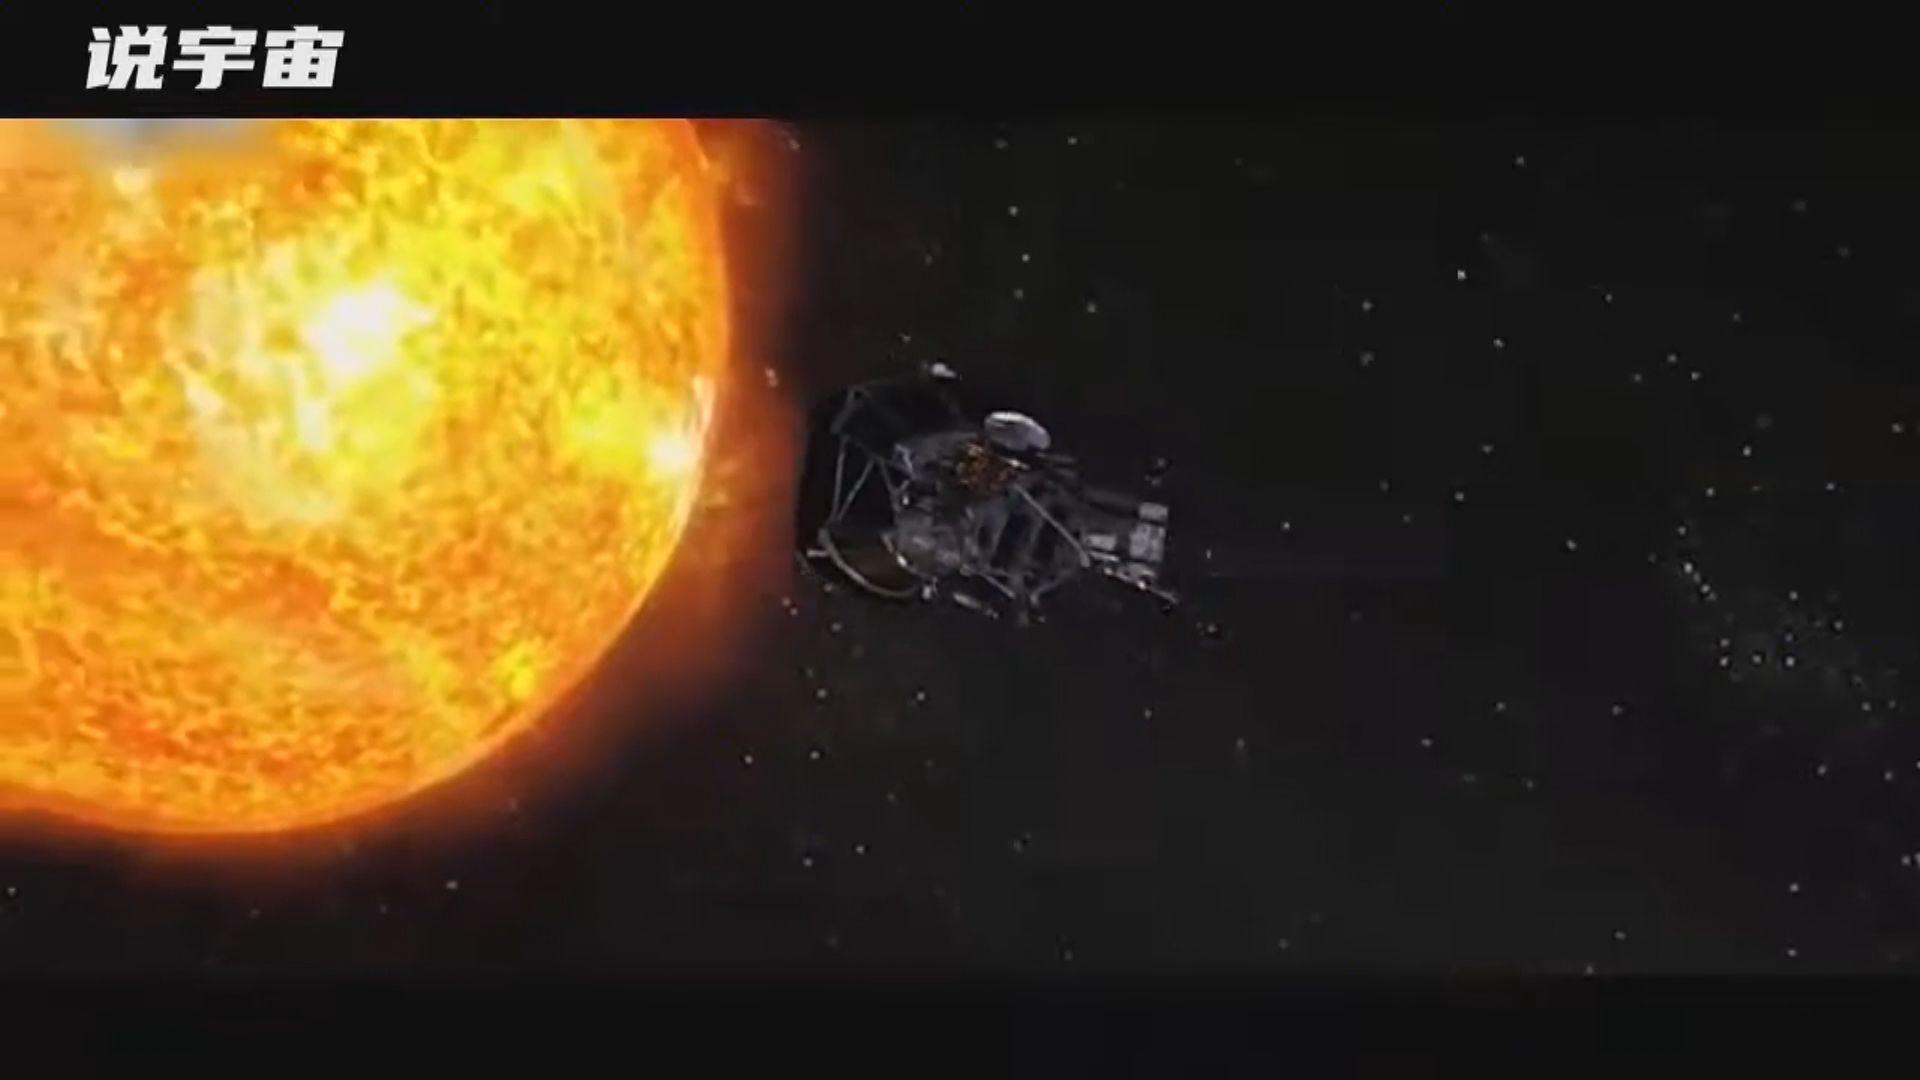 中國計劃今年發射首顆太陽探測衛星